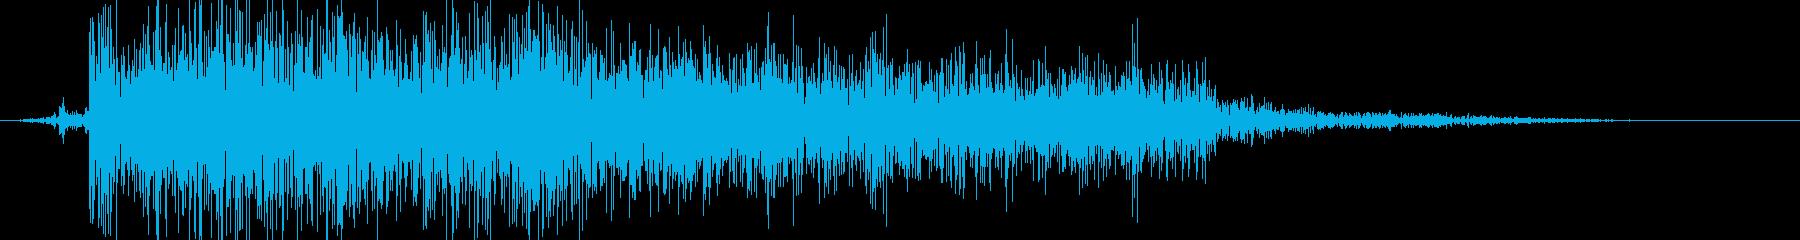 ビシュッの再生済みの波形